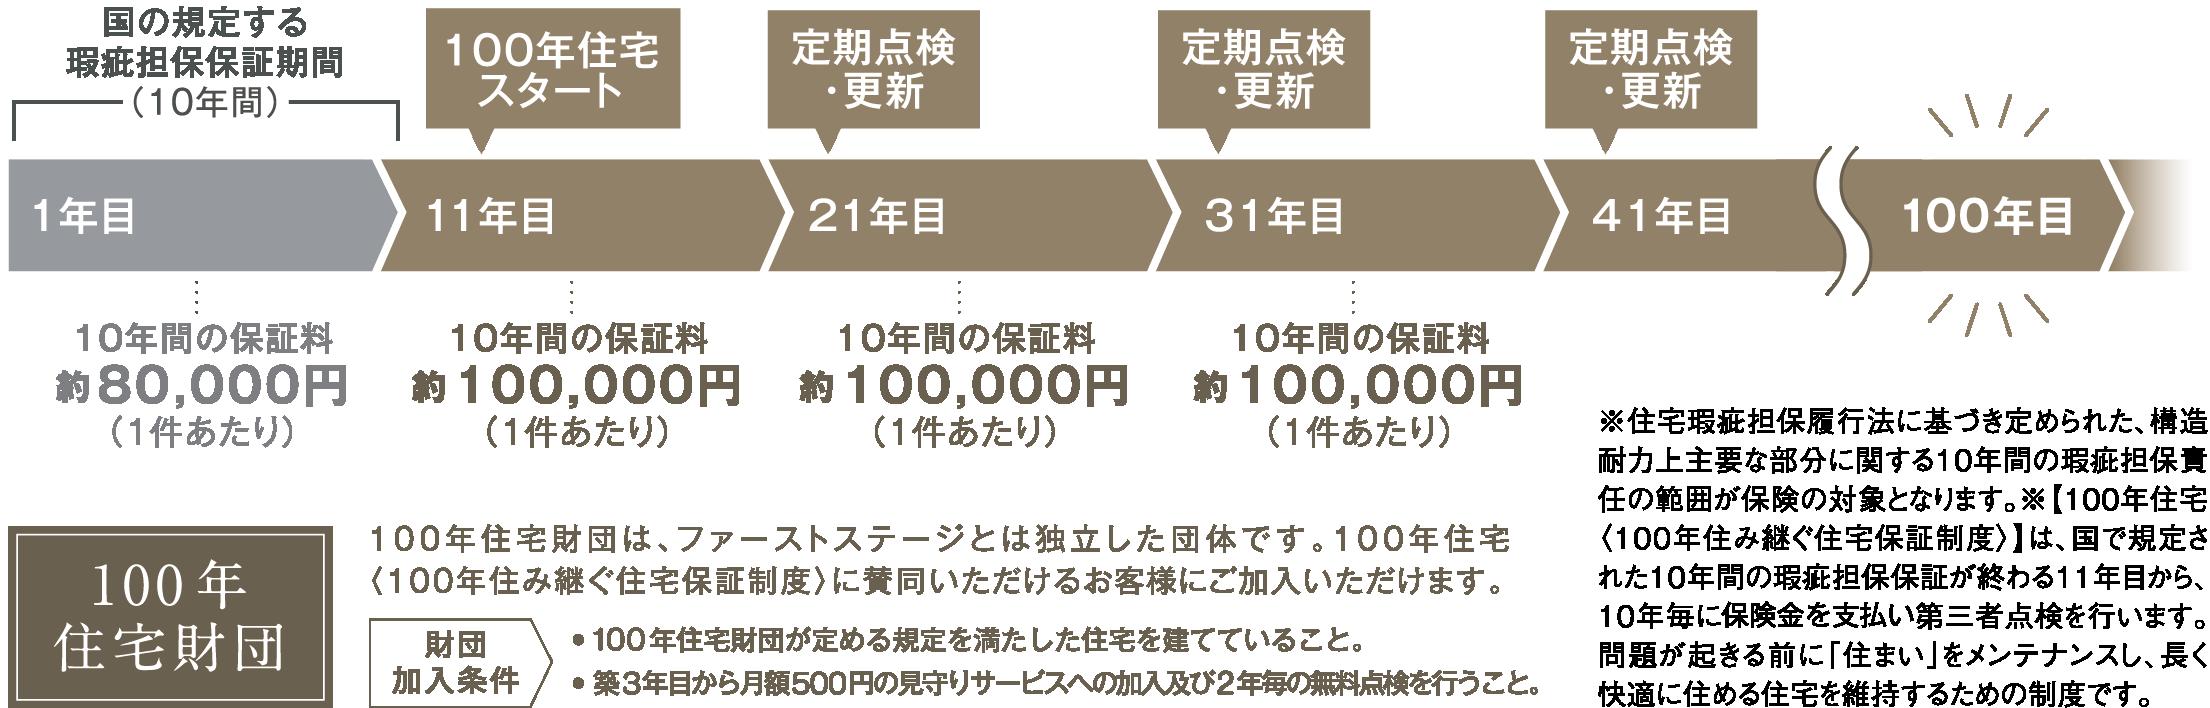 100年住宅財団